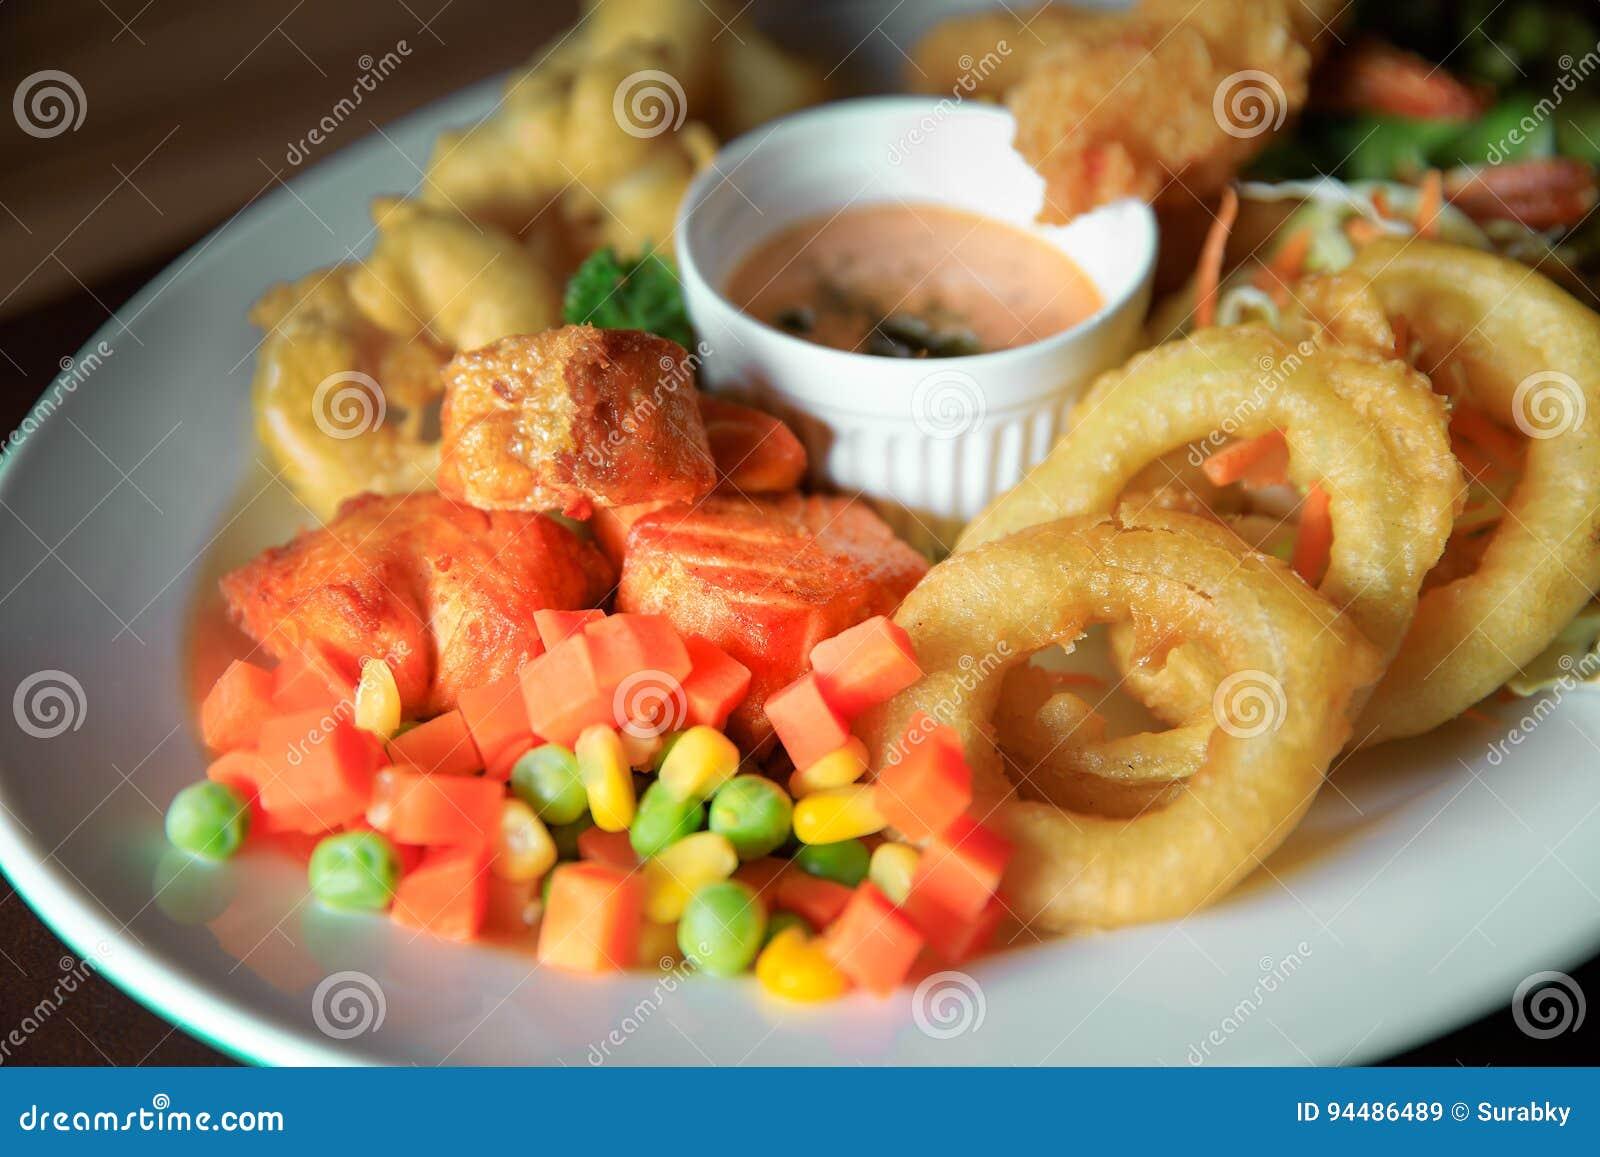 Σύνολο μπριζόλας και λαχανικού ψαριών που λαμβάνονται με το φυσικό φως παραθύρων